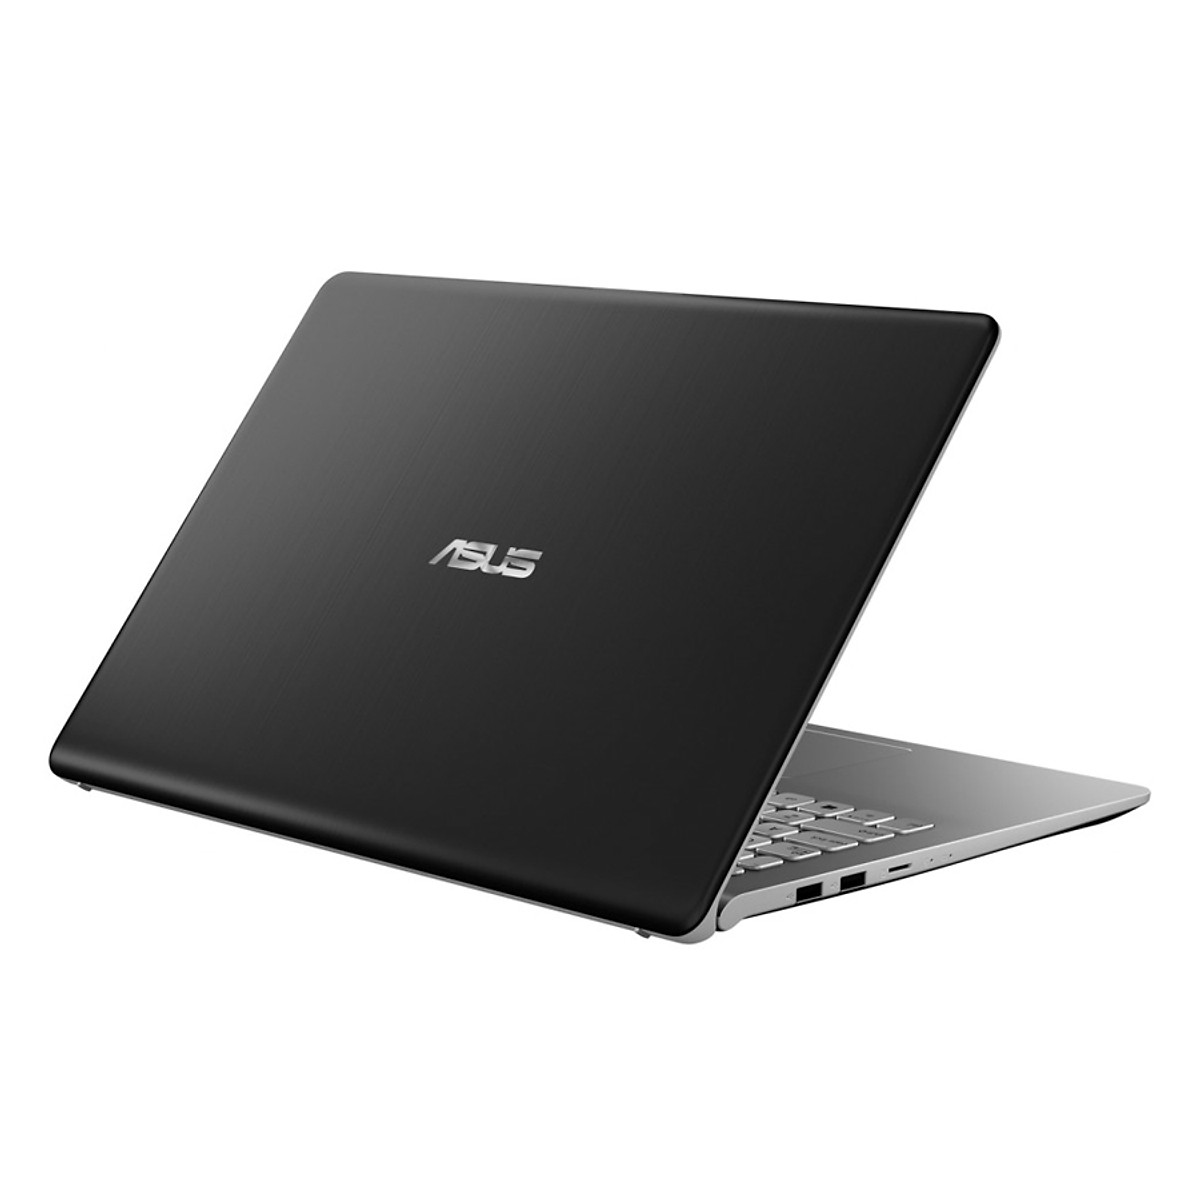 Laptop Asus Vivobook S14 S430UA-EB132T Core i5-8250U/Win10